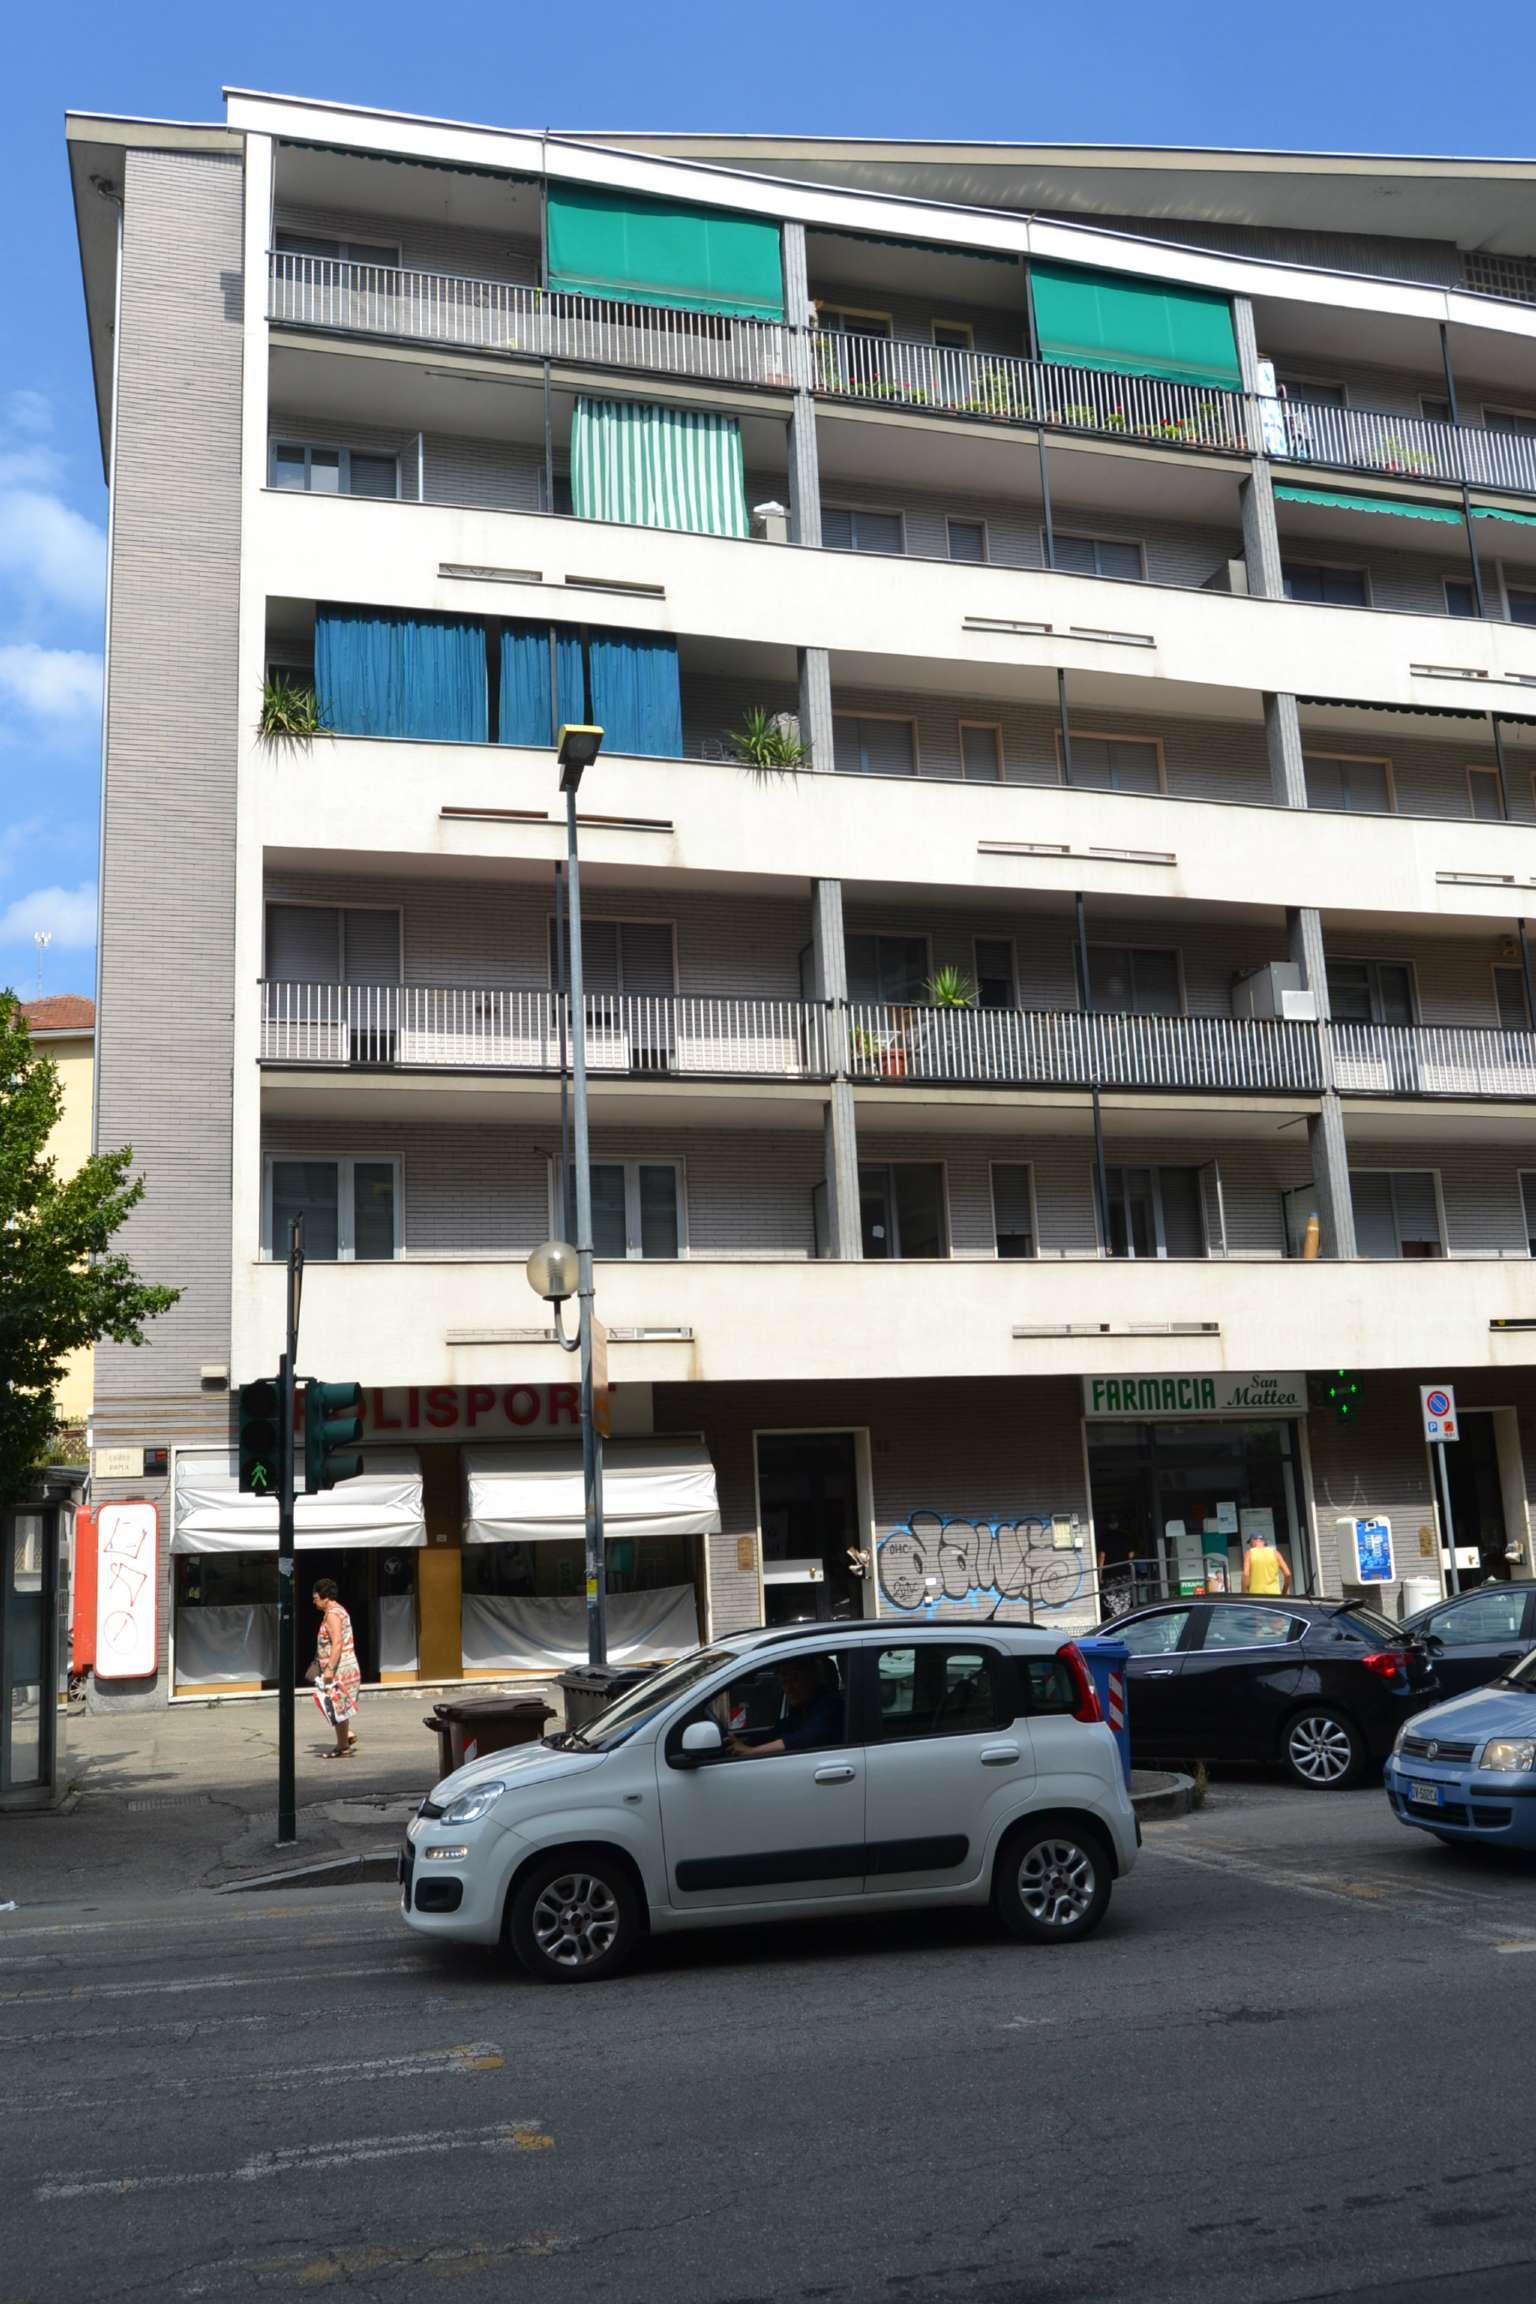 Immagine immobiliare Moncalieri, Affittasi Appartamento di 83 mq. nella centrale Corso Roma, 88 prospicente la realizzazione della prossima fermata della Metropolitana. L'appartamento posto al primo piano di una palazzina in buon ordine generale, è cosi...